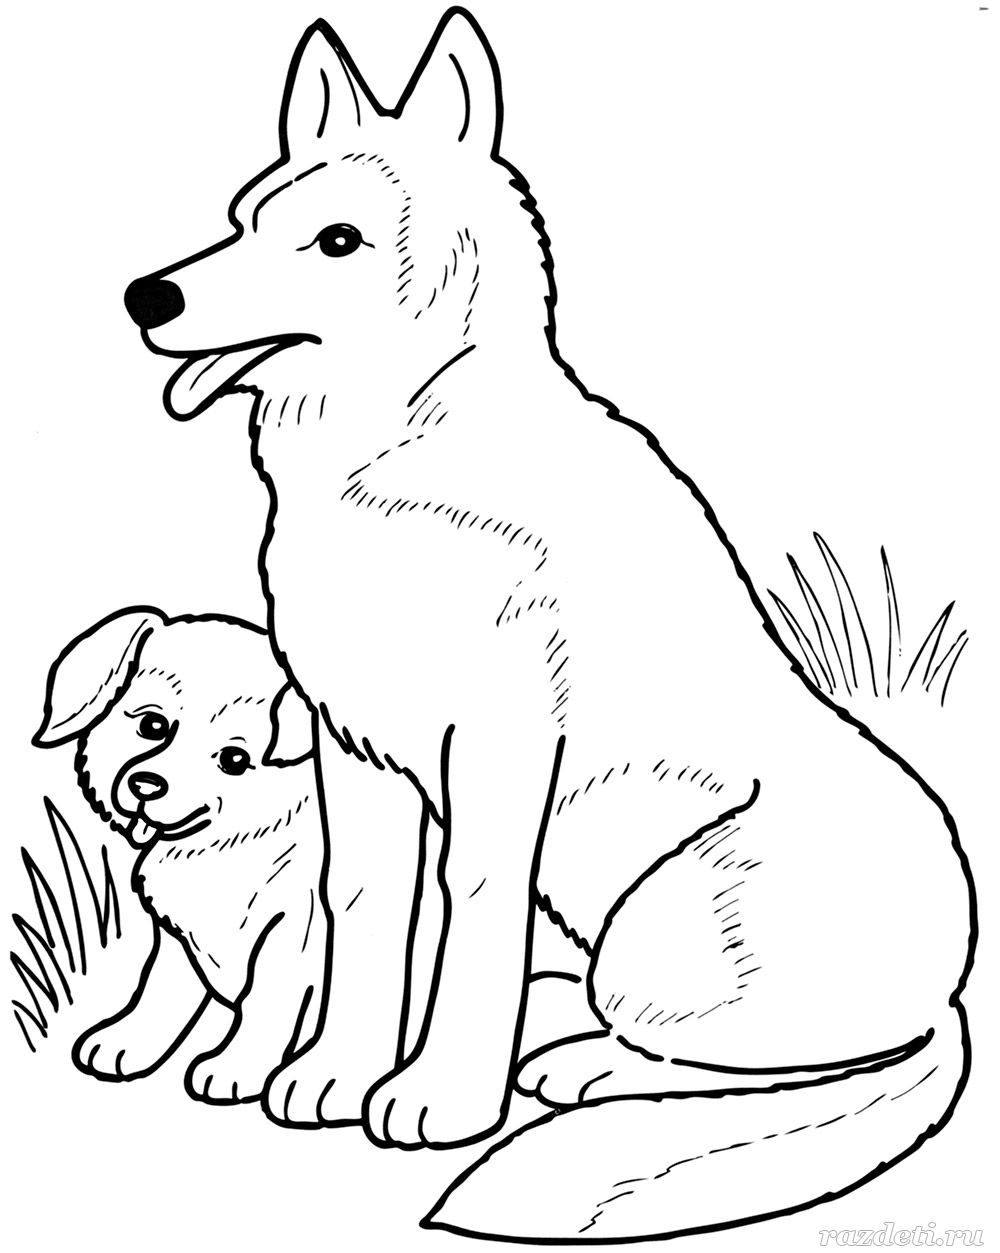 Собака и щенок. Раскраска для детей